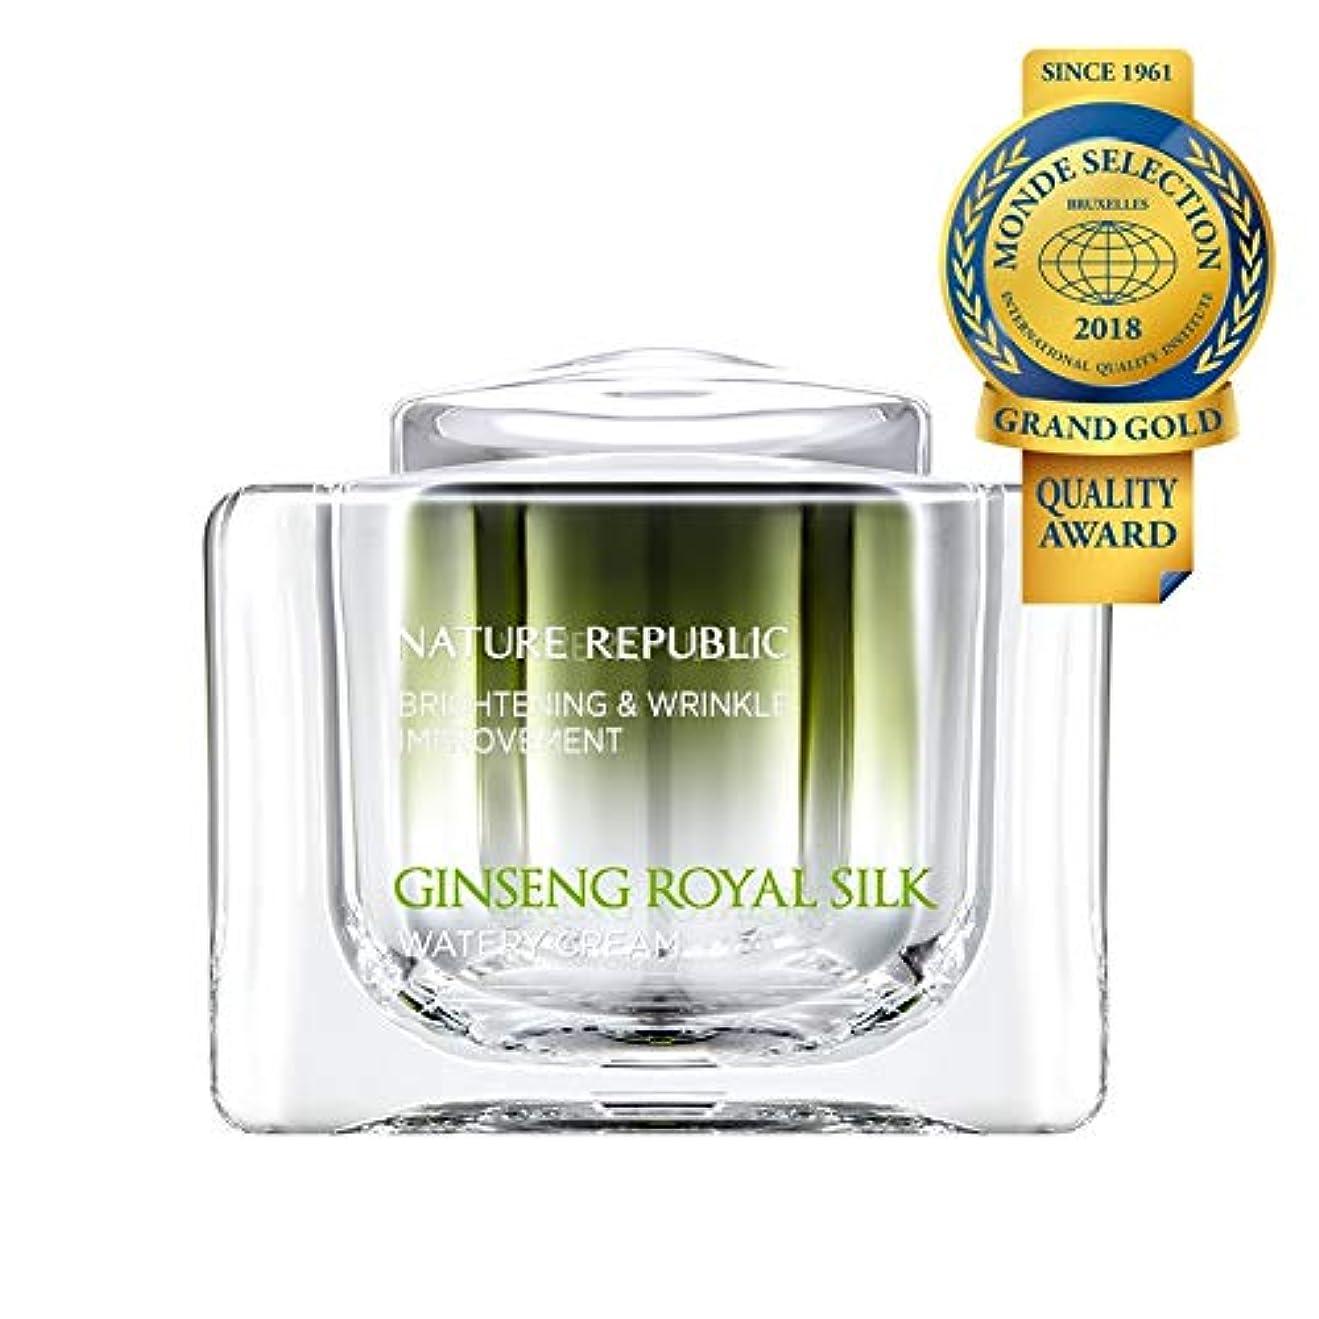 光電エンジニアリングミュージカルネイチャーリパブリック(Nature Republic)ジンセンロイヤルシルクウォーターリークリーム 60g / Ginseng Royal Silk Watery Cream 60g :: 韓国コスメ [並行輸入品]